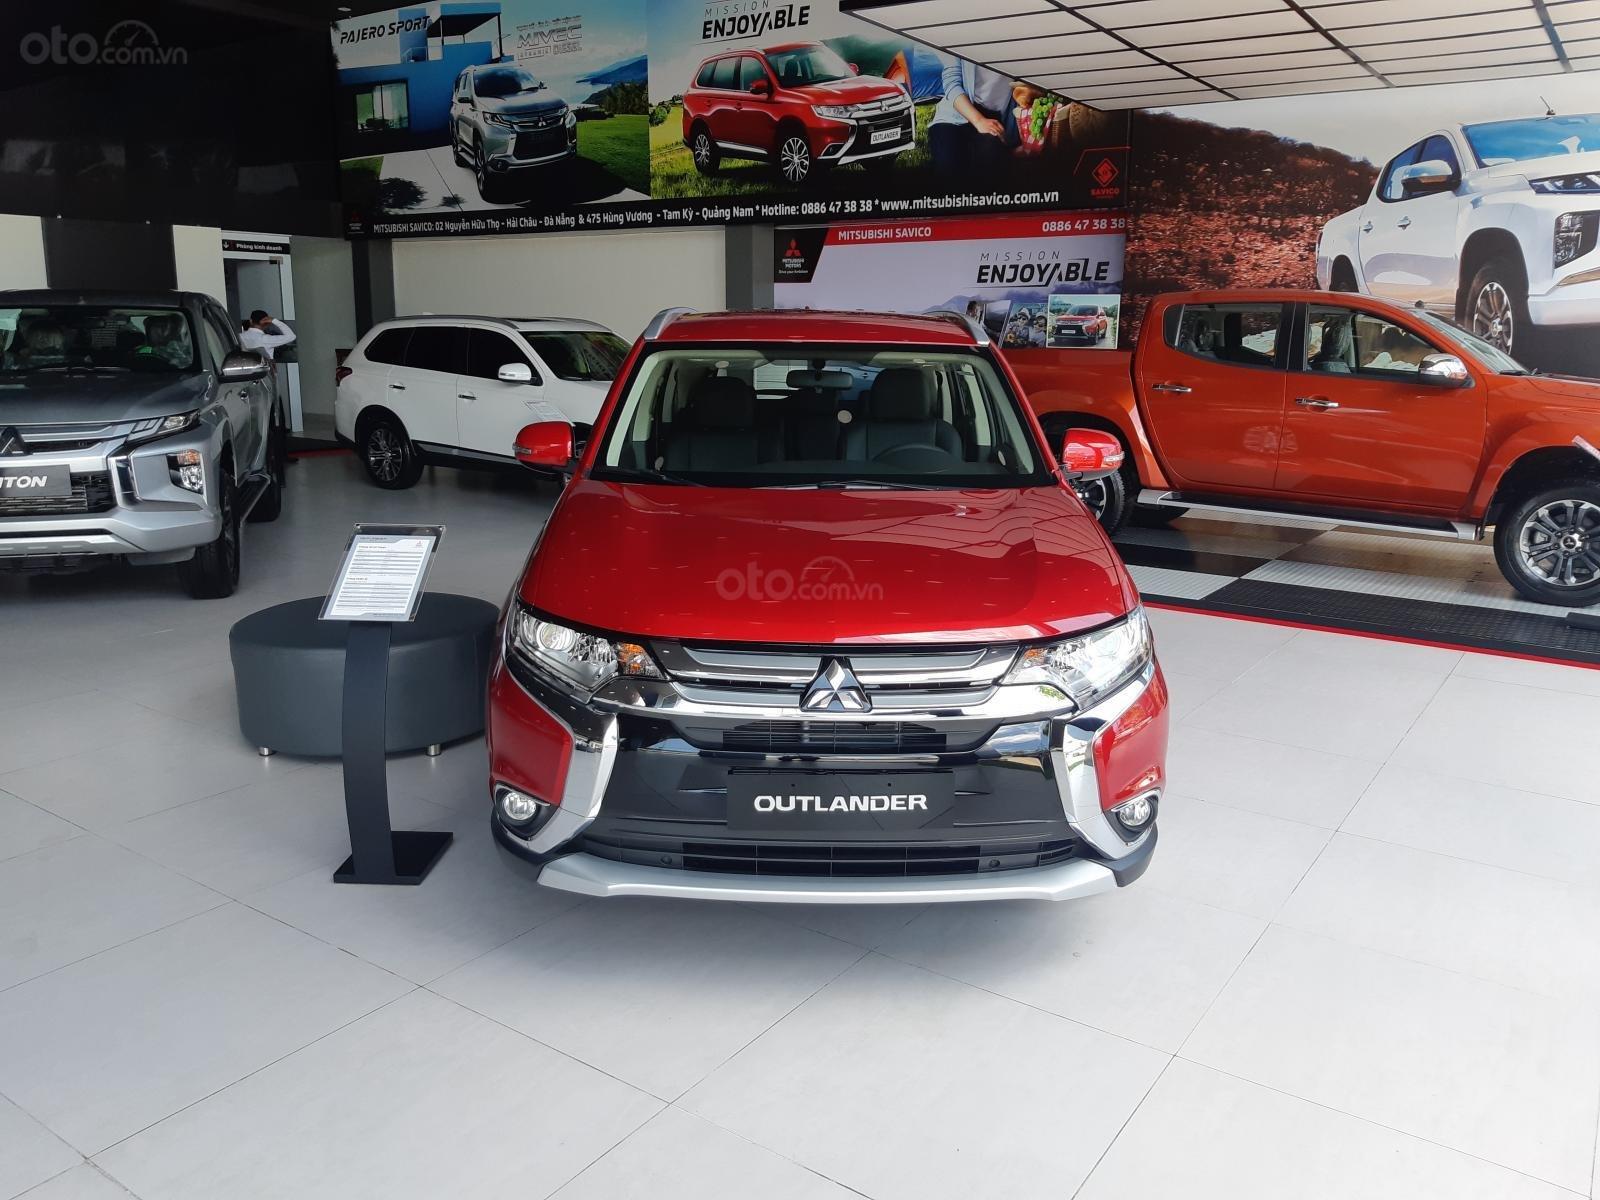 Mitsubishi Outlander, tặng 50% phí trước bạ, xe Nhật, giao xe sớm, hỗ trợ trả góp, LH: Hưng 0901.17.15.15 (1)